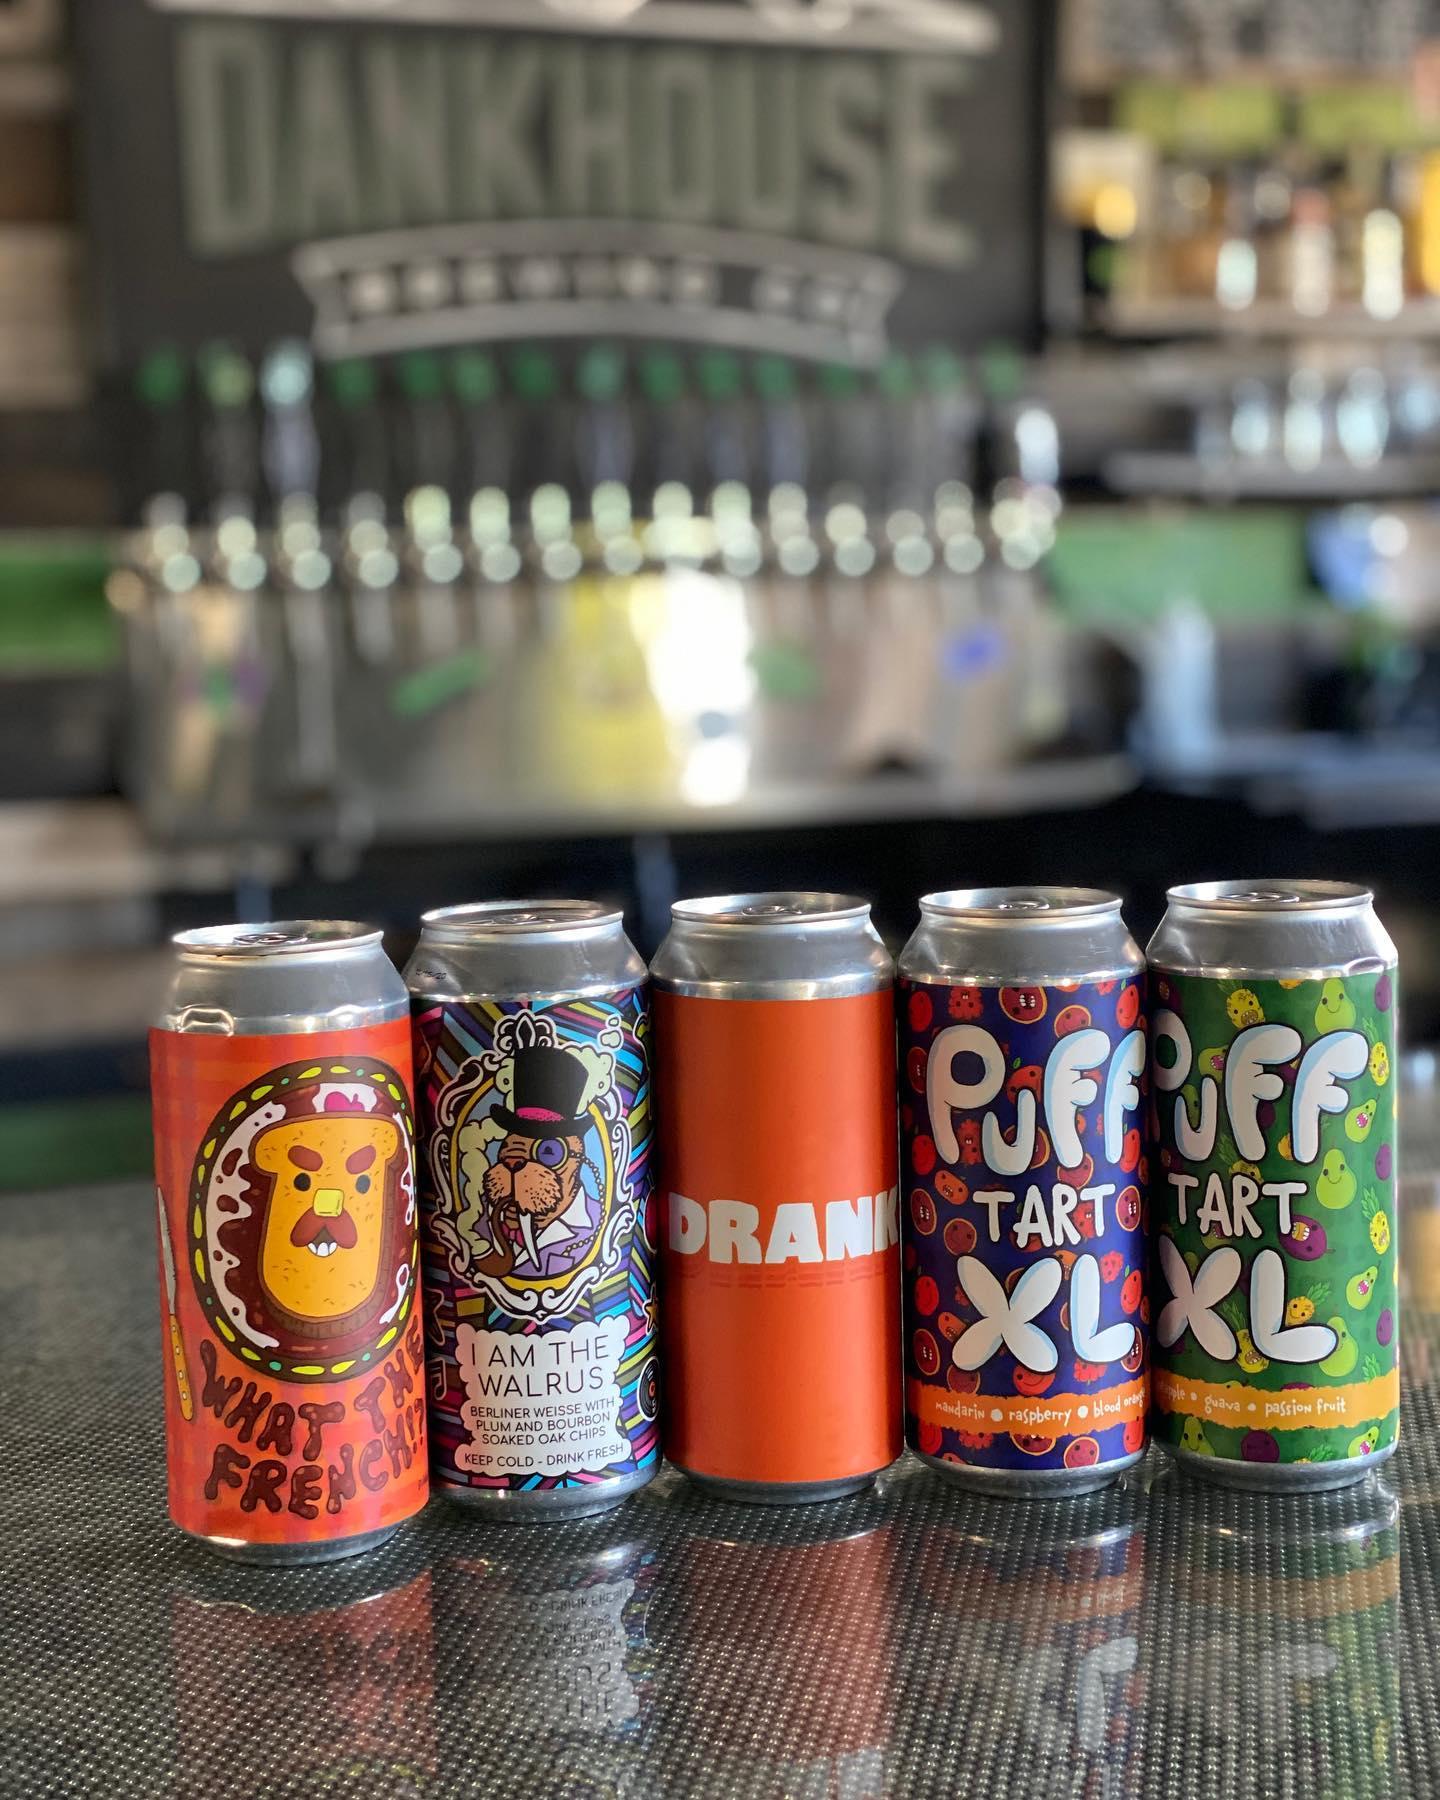 dankhouse beers